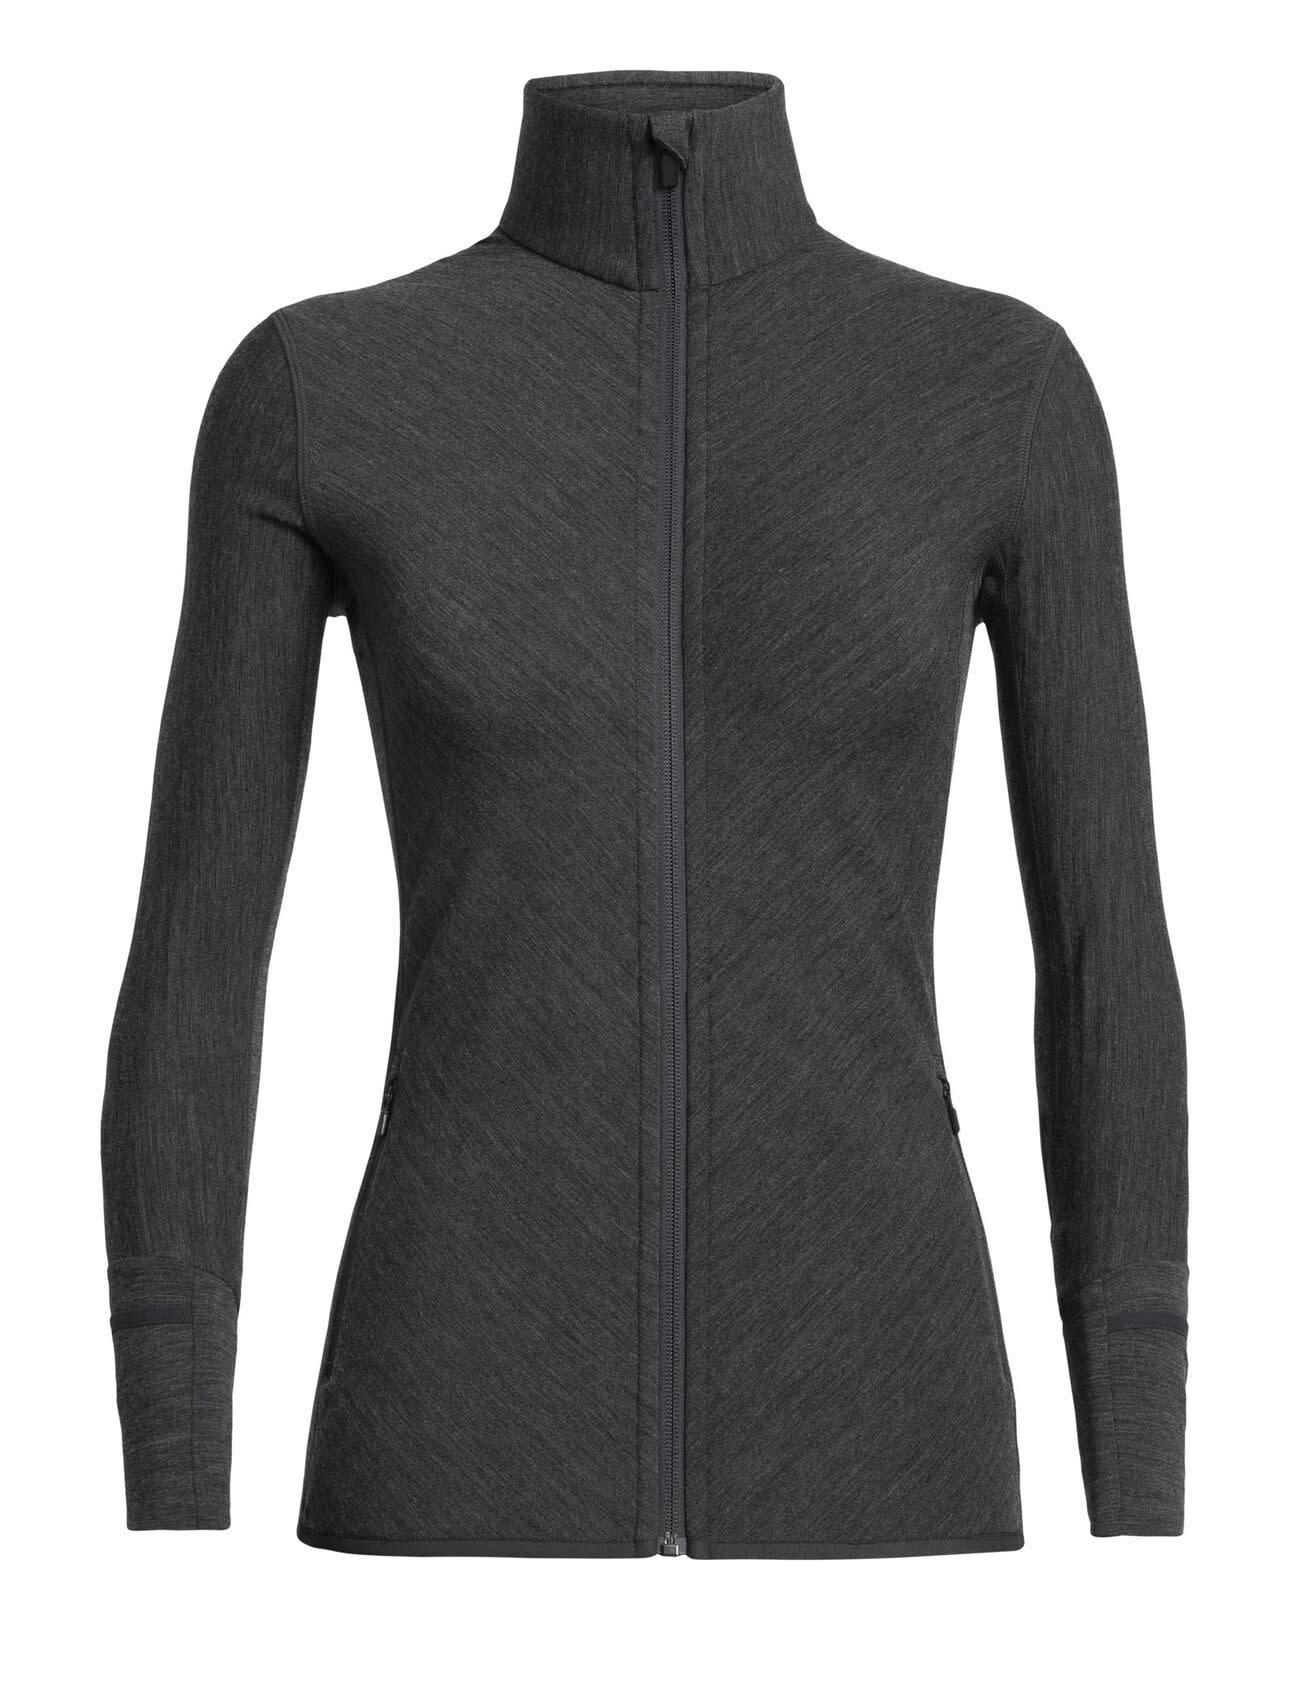 Women's Realfleece®  Descender Long Sleeve Zip-1